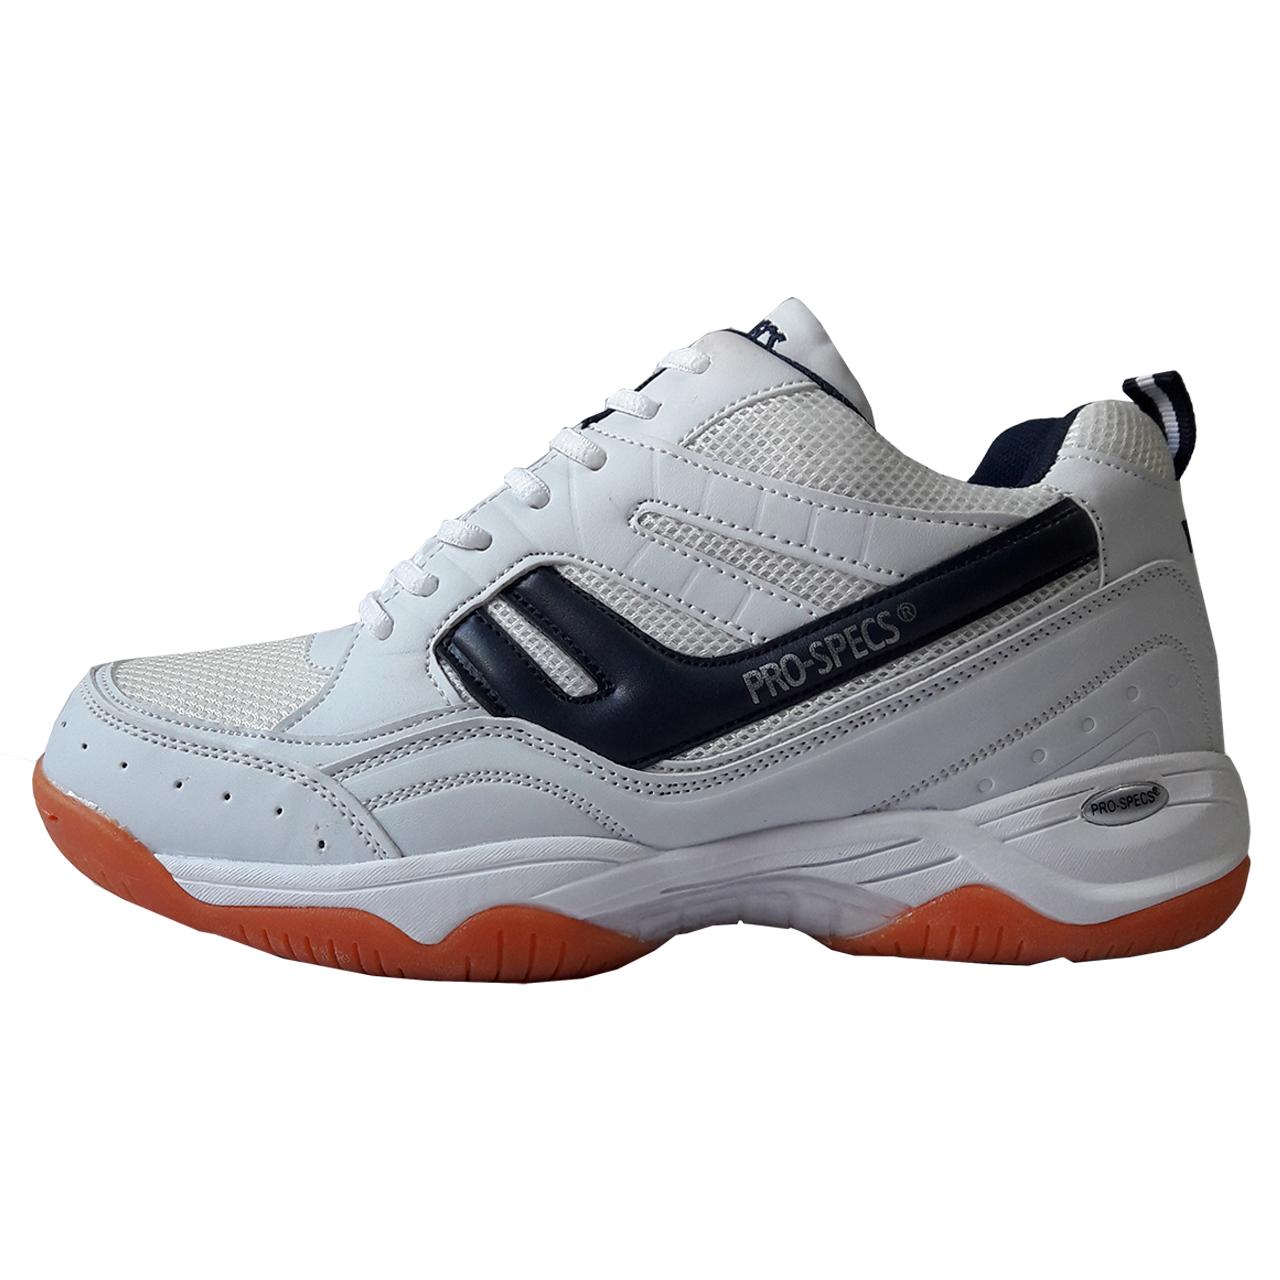 کفش مخصوص پیاده روی مردانه پرو اسپیس مدل PRo space F